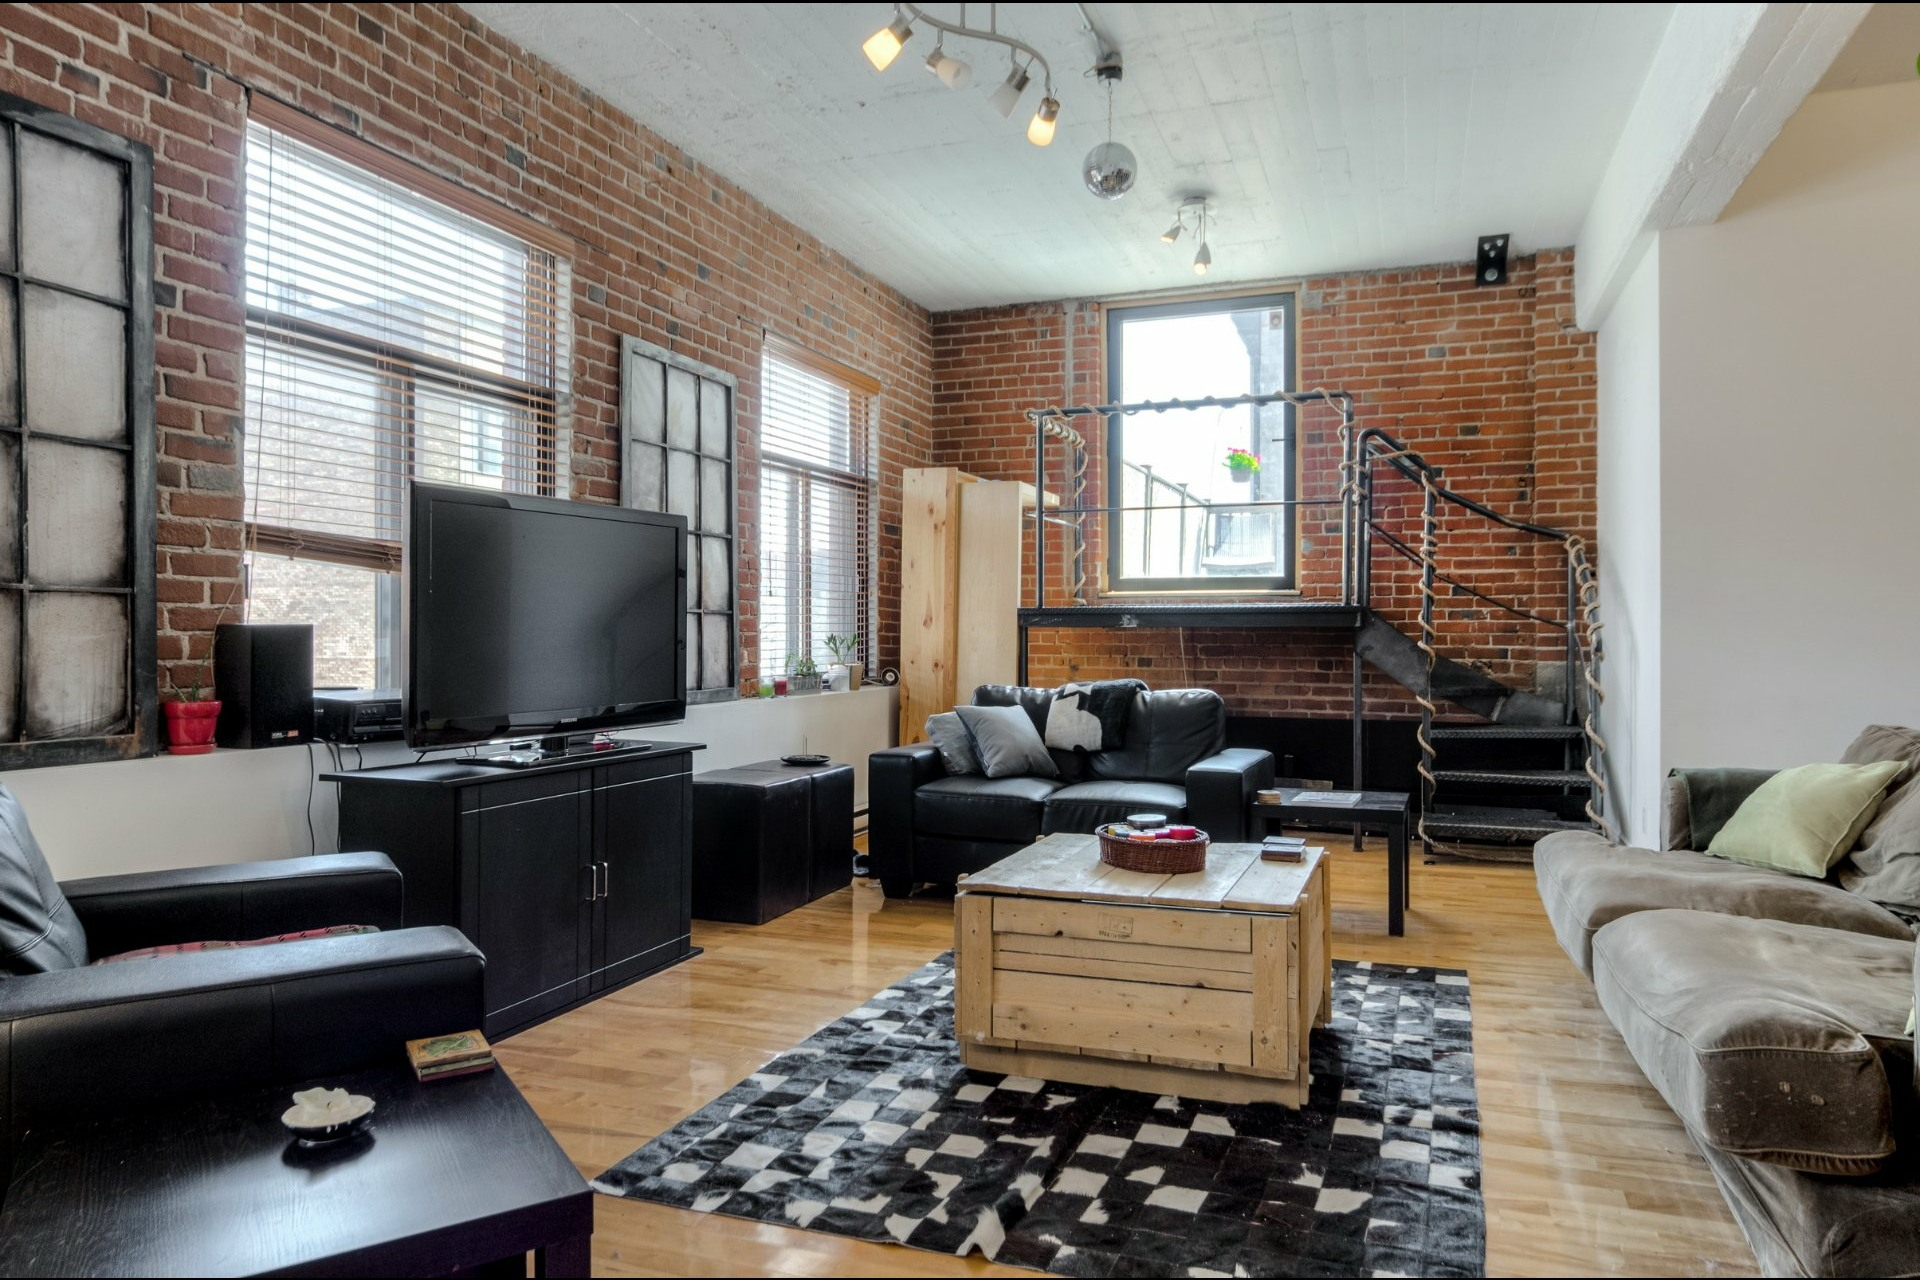 image 6 - Appartement À vendre Montréal Ville-Marie  - 8 pièces